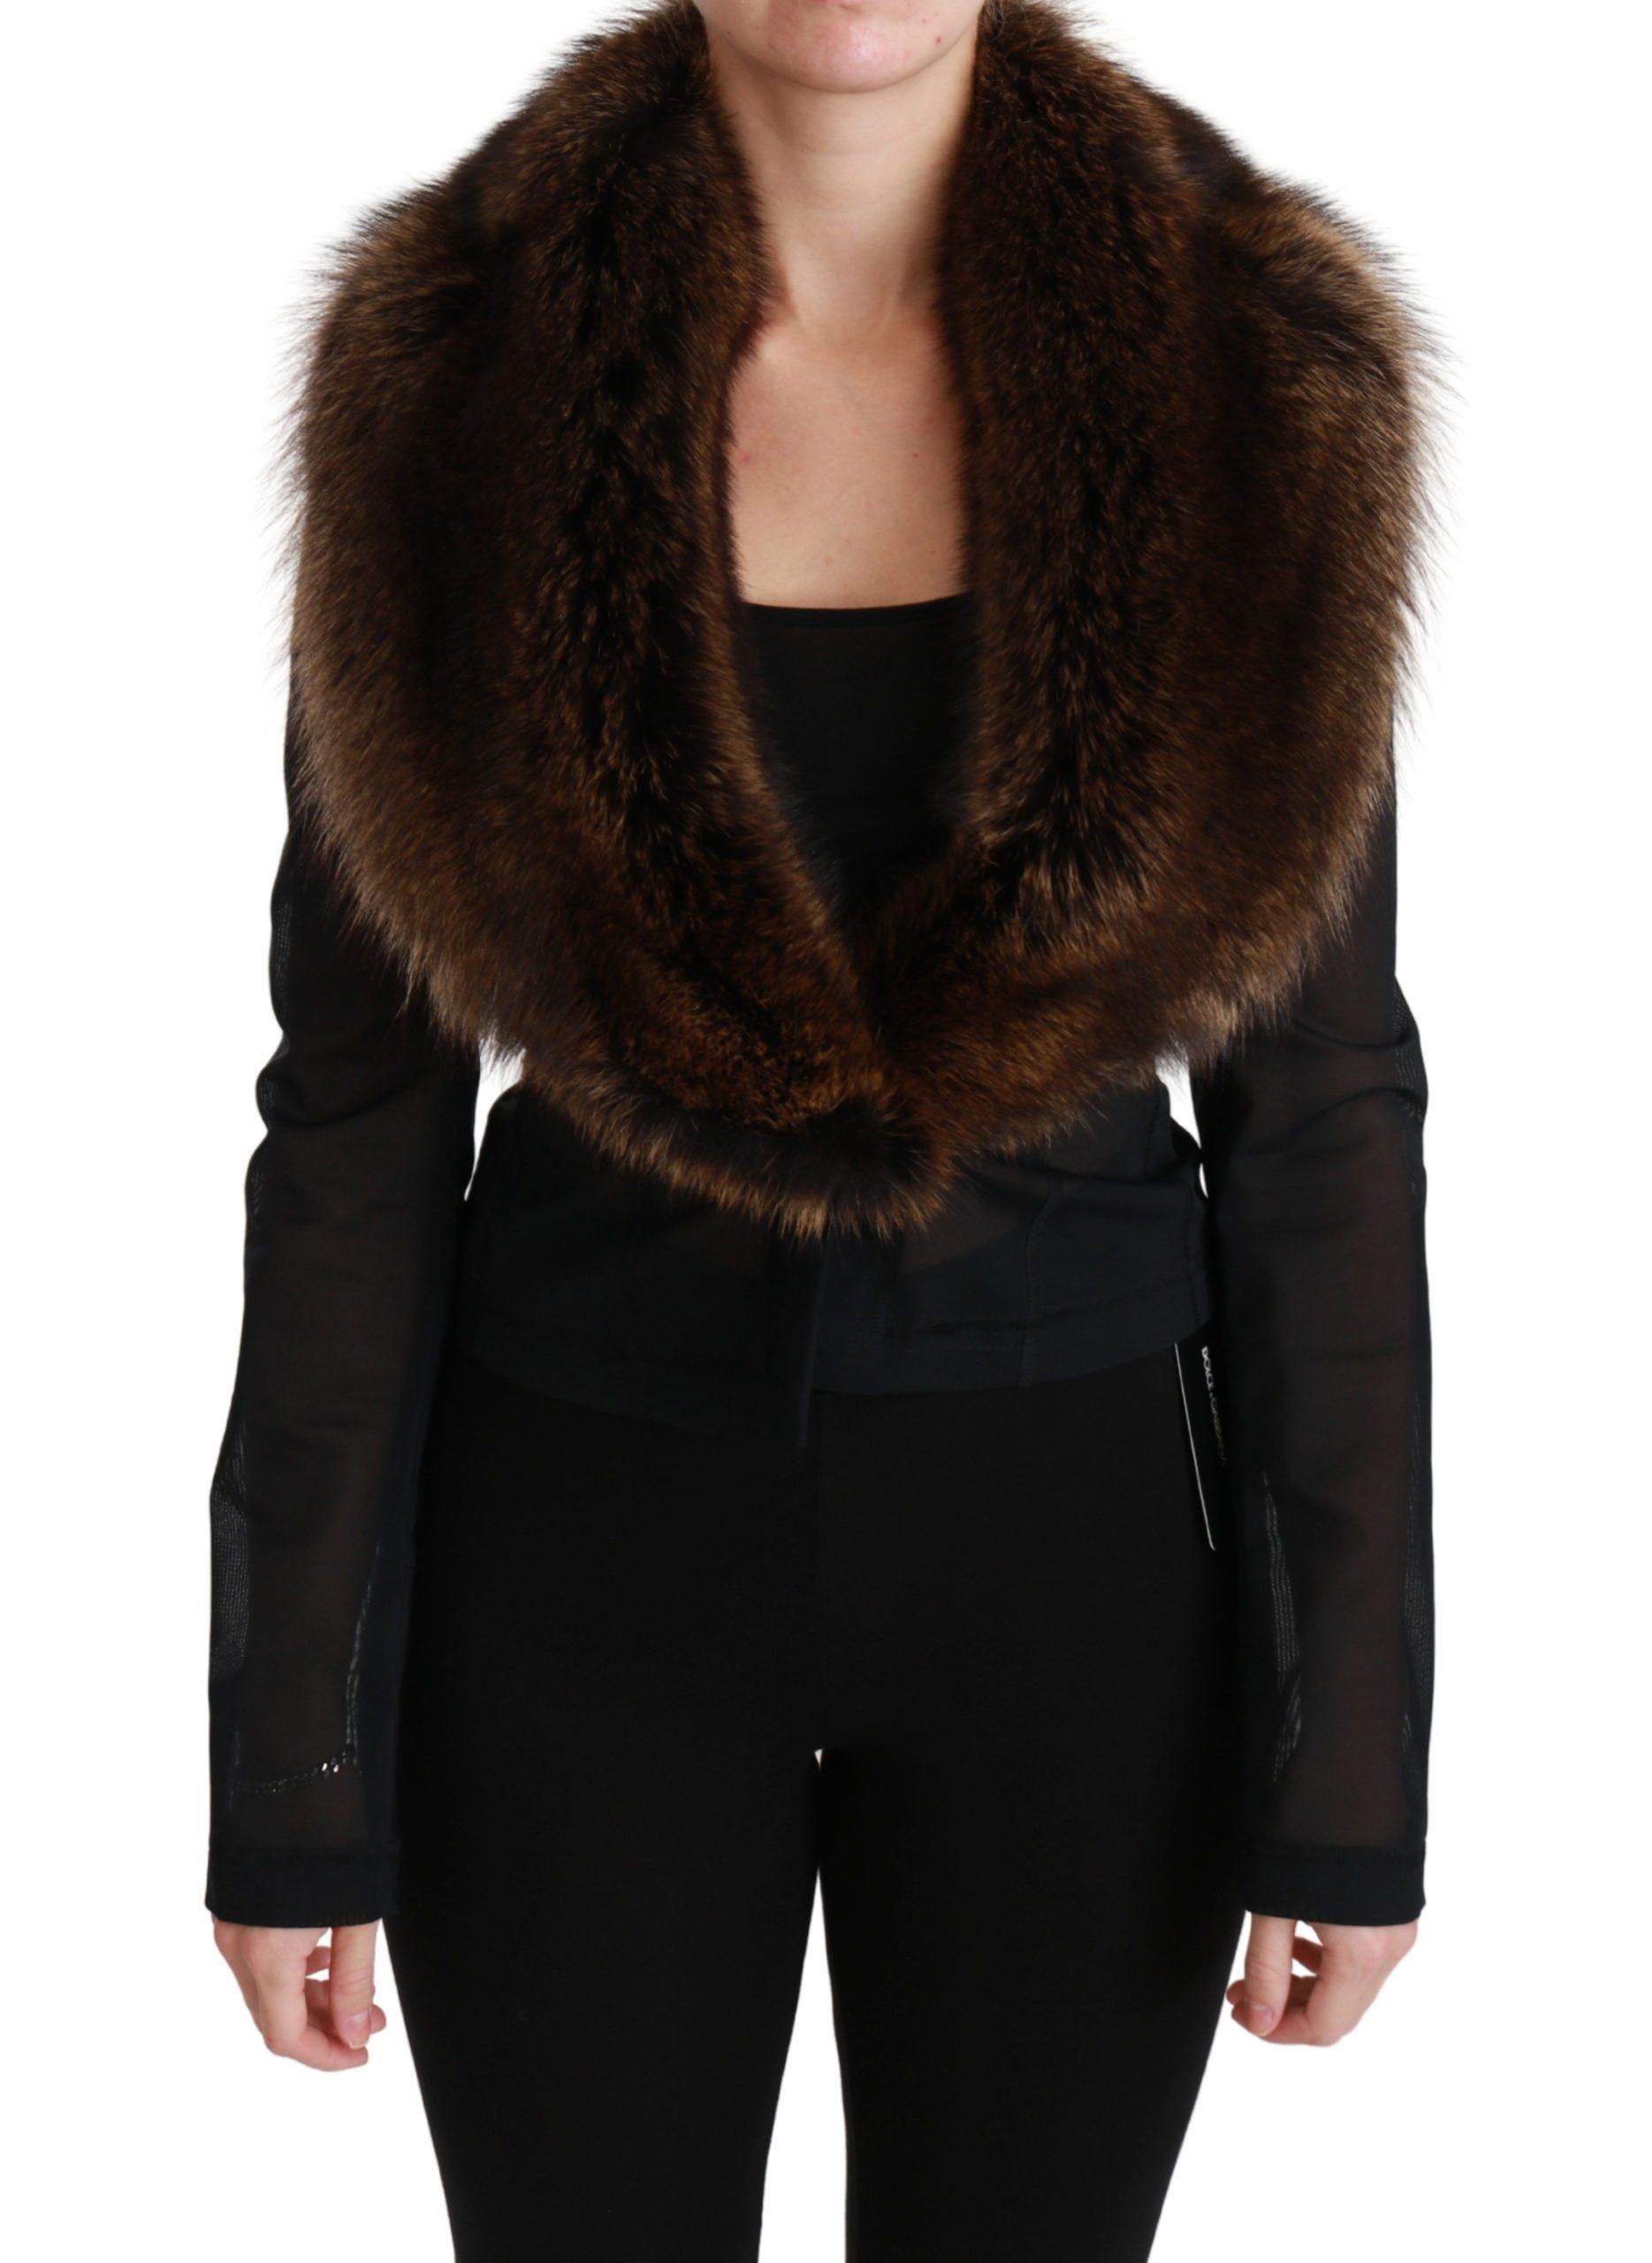 Dolce & Gabbana Women's Fur Cropped Nylon Blazer Black JKT2576 - IT40|S